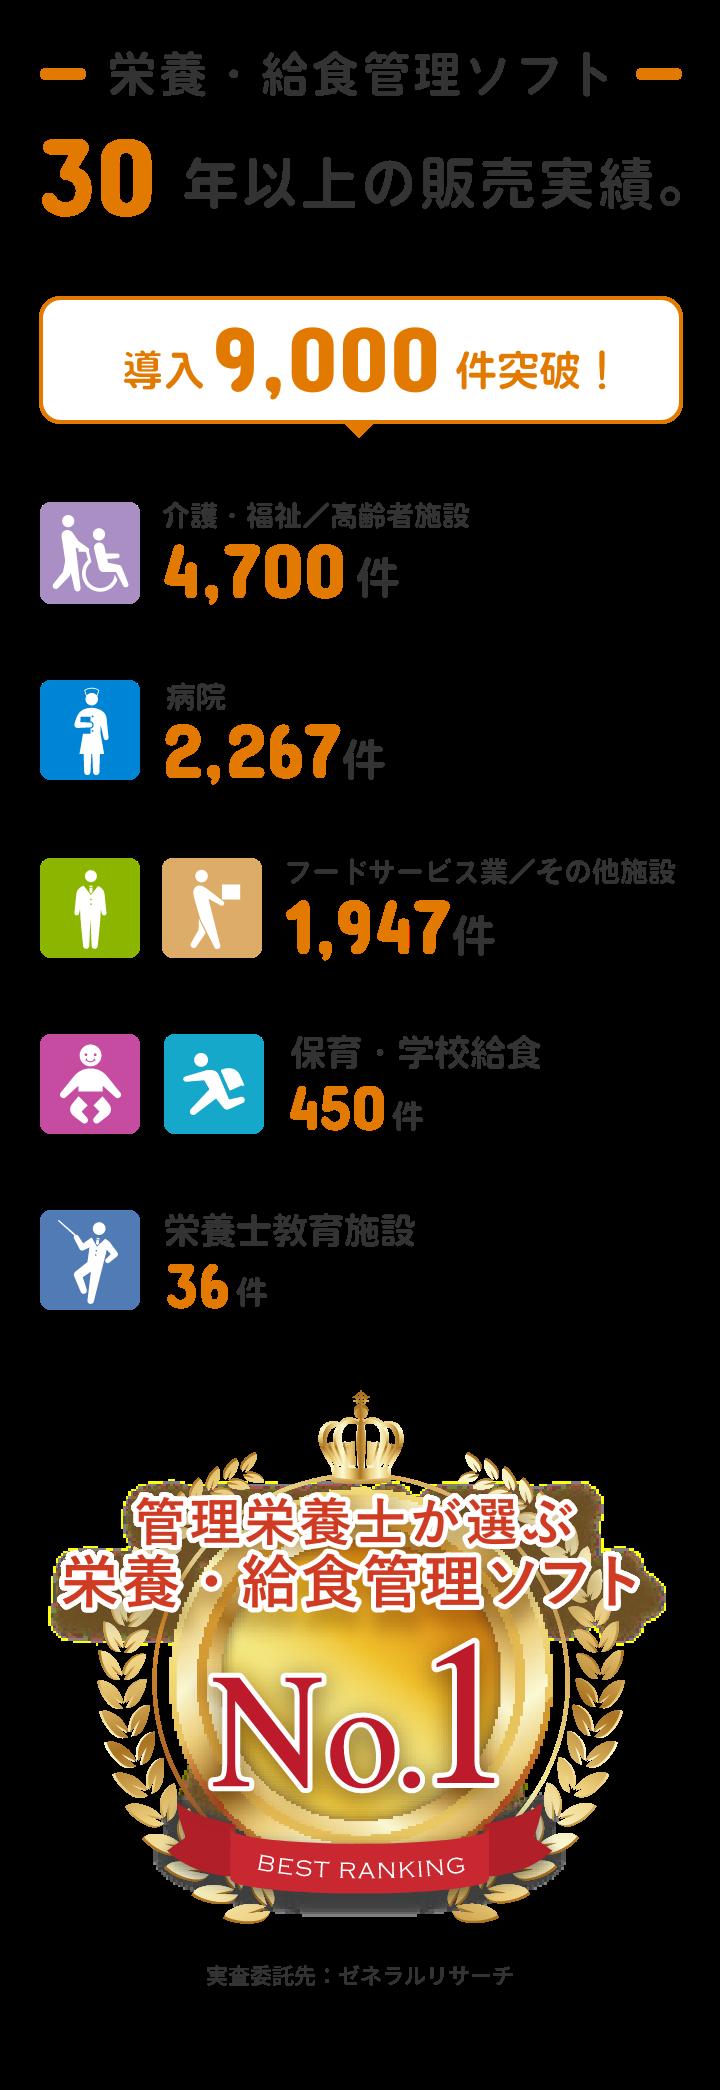 栄養・給食管理ソフト 30年以上の販売実績。導入9,000施設突破!